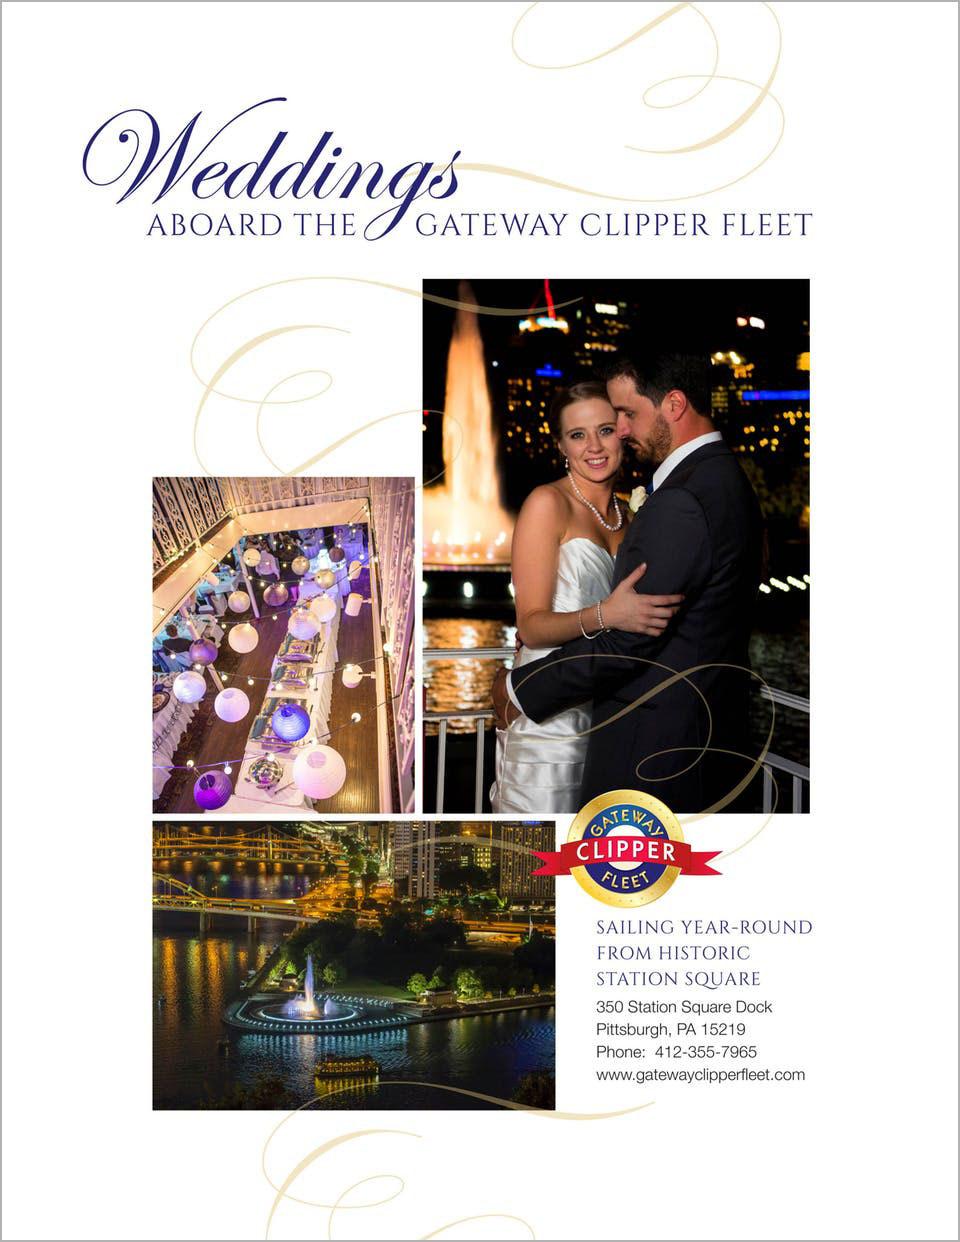 GATEWAY-CLIPPER-FLEET-WEDDINGS-button.jpg